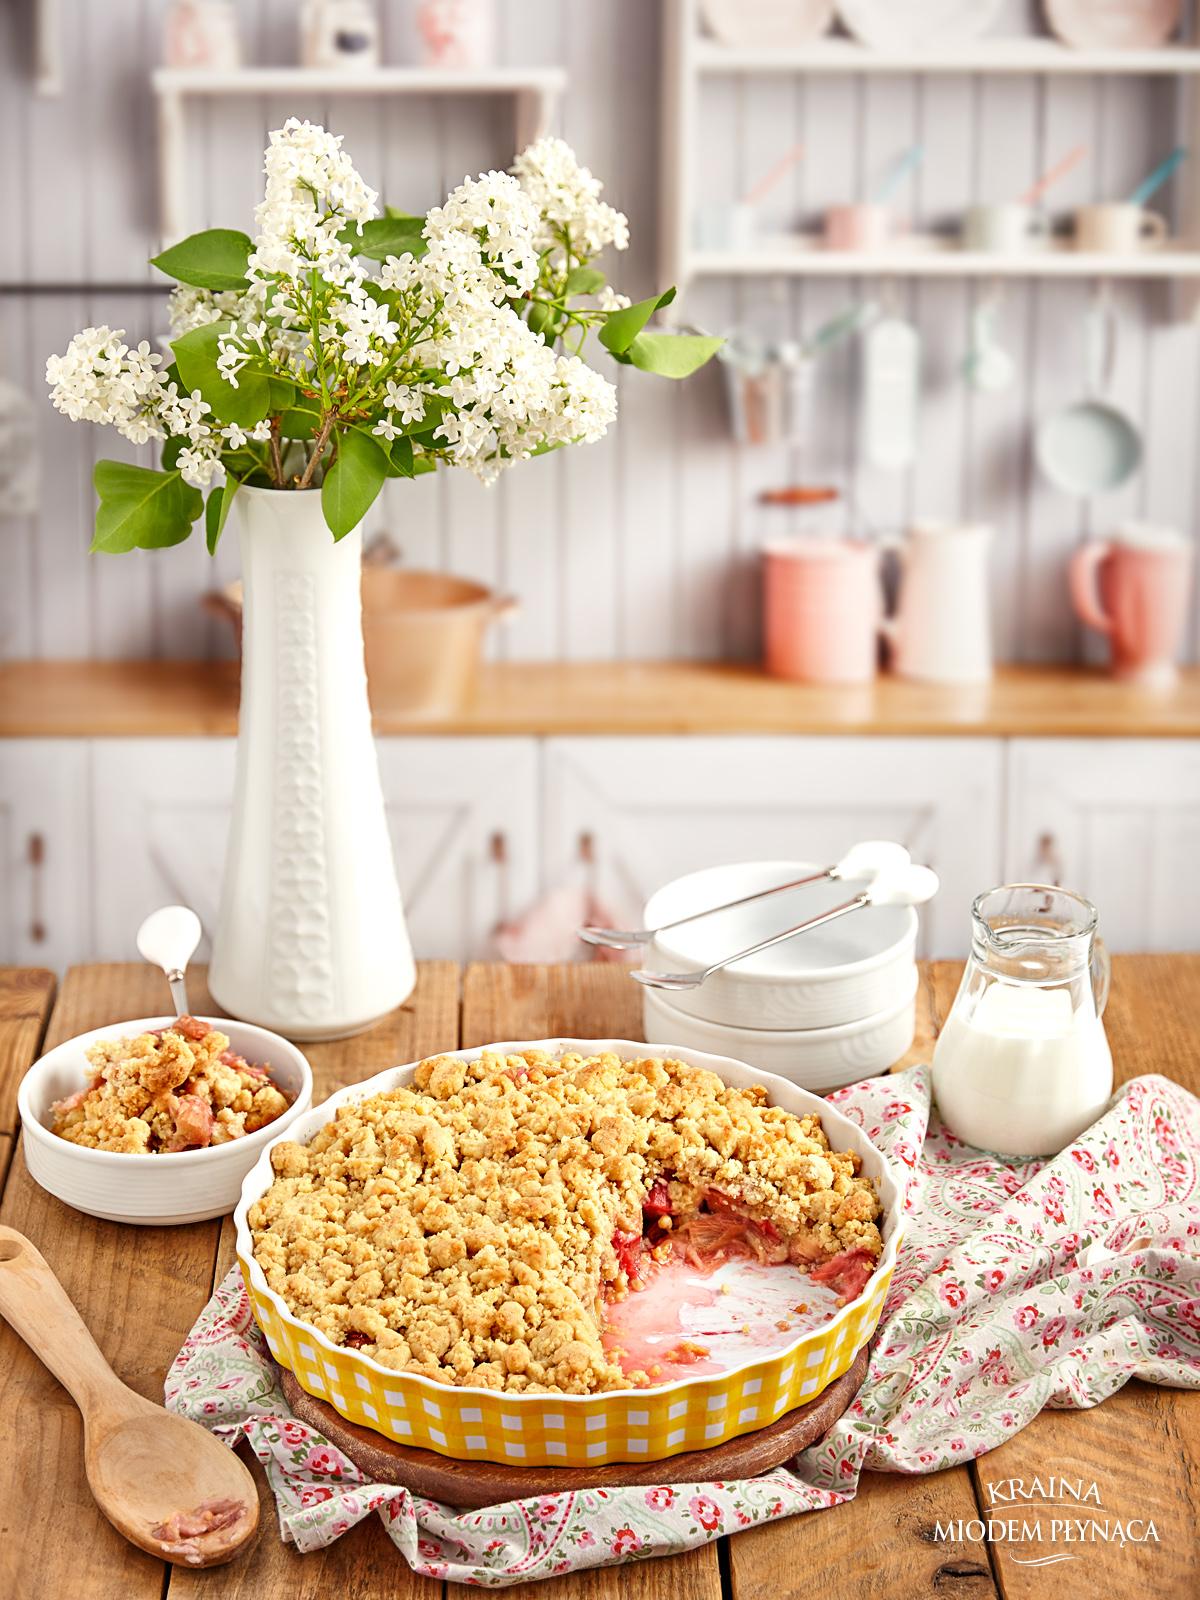 crumble z rabarbarem, crumble z owocami, rabarbar z kruszonką, rabarbar pod kruszonką, kruszonka do ciasta, kruszonka z mąki i masła, deser z rabarbarem, deser z rabarbaru, kraina miodem płynąca